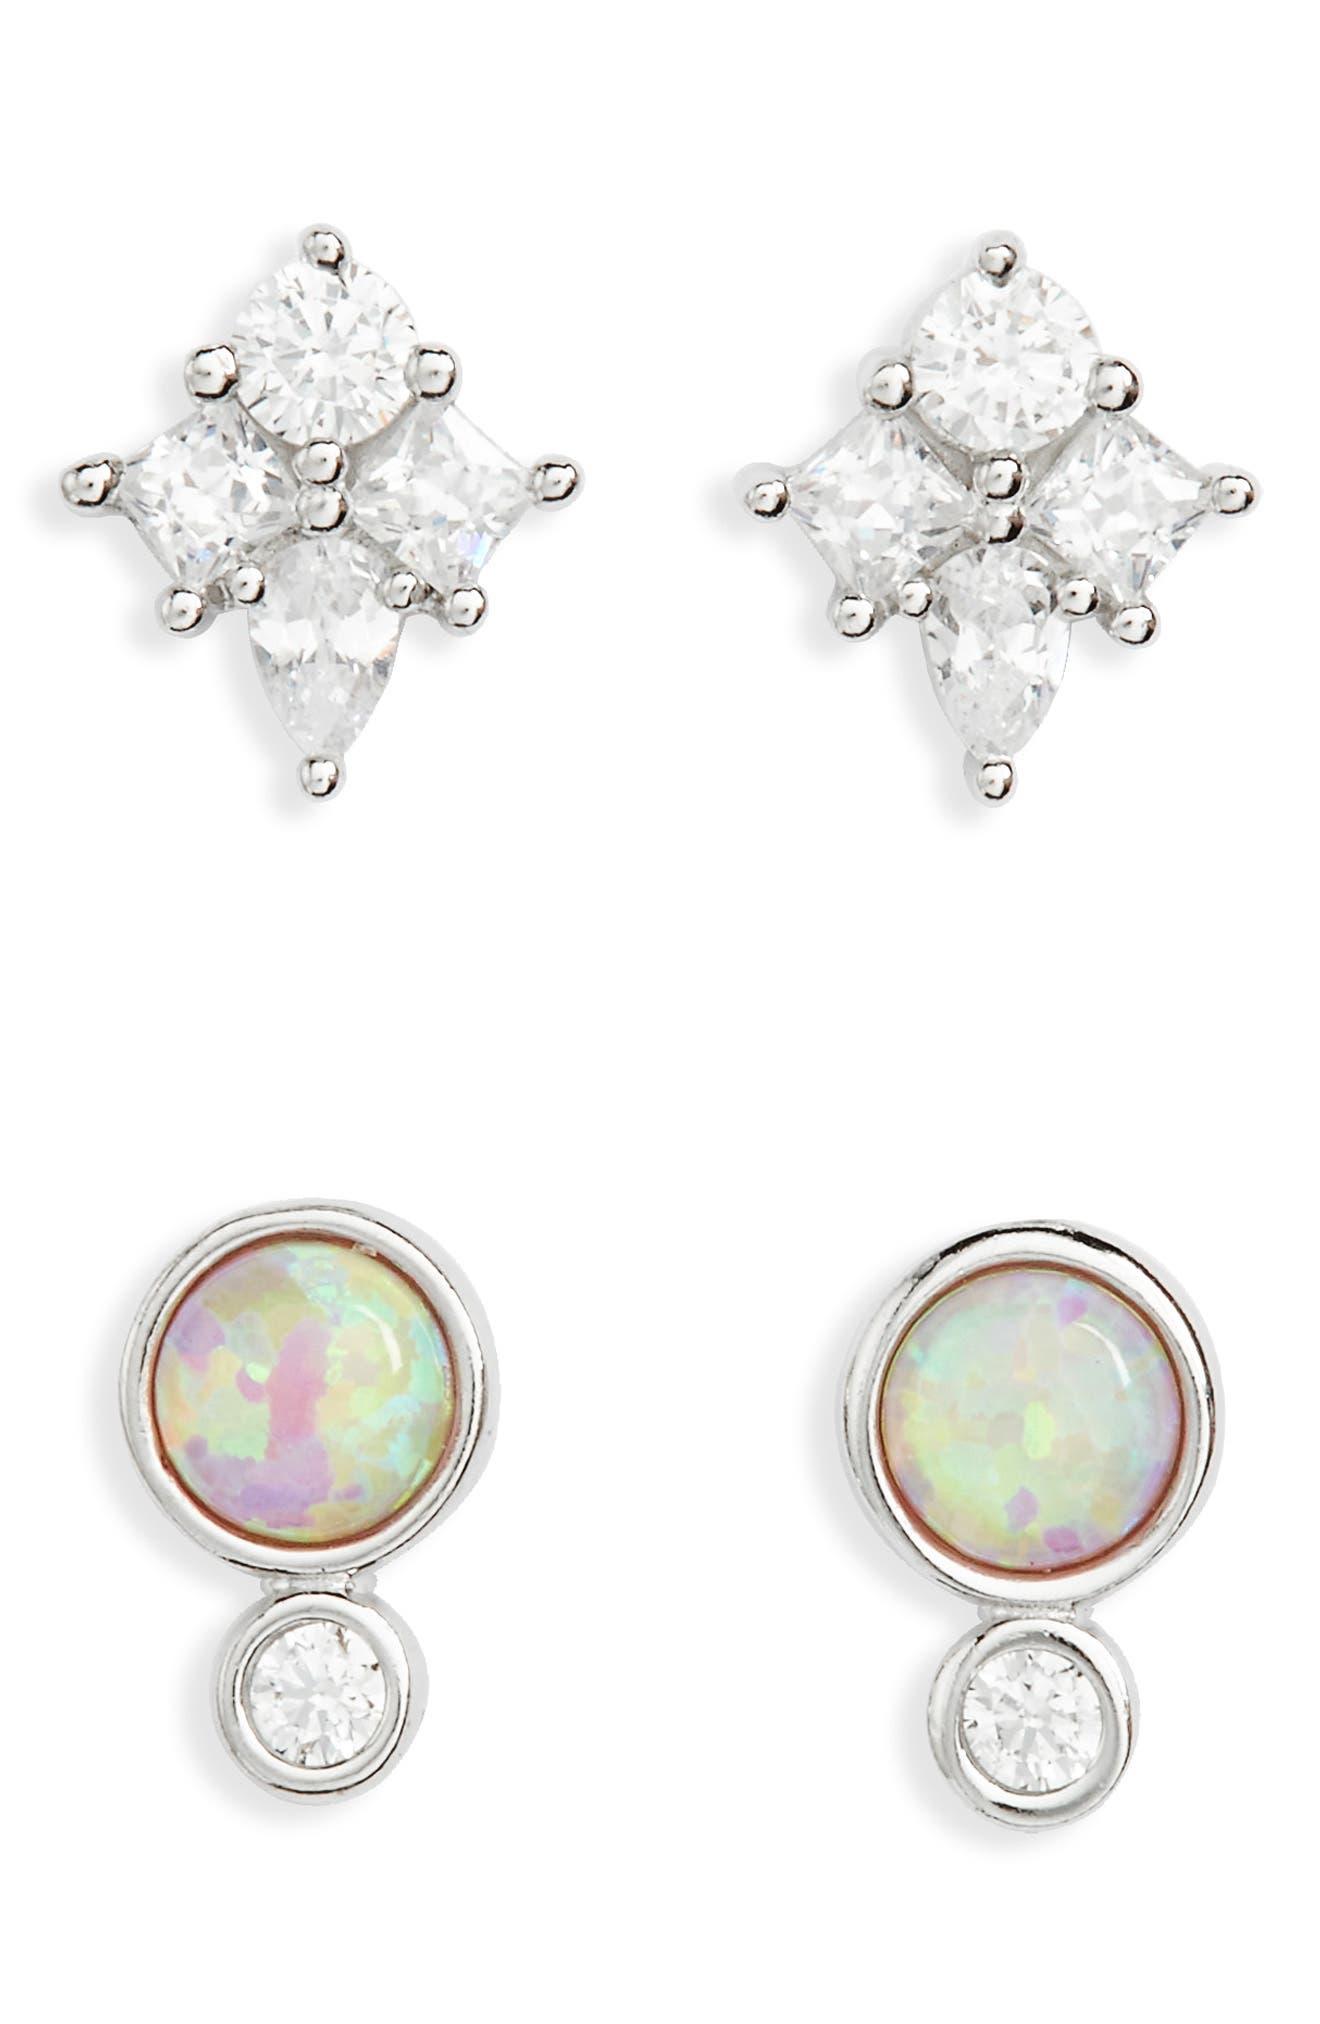 Alternate Image 1 Selected - Nordstrom Set of 2 Opal & Cubic Zirconia Stud Earrings